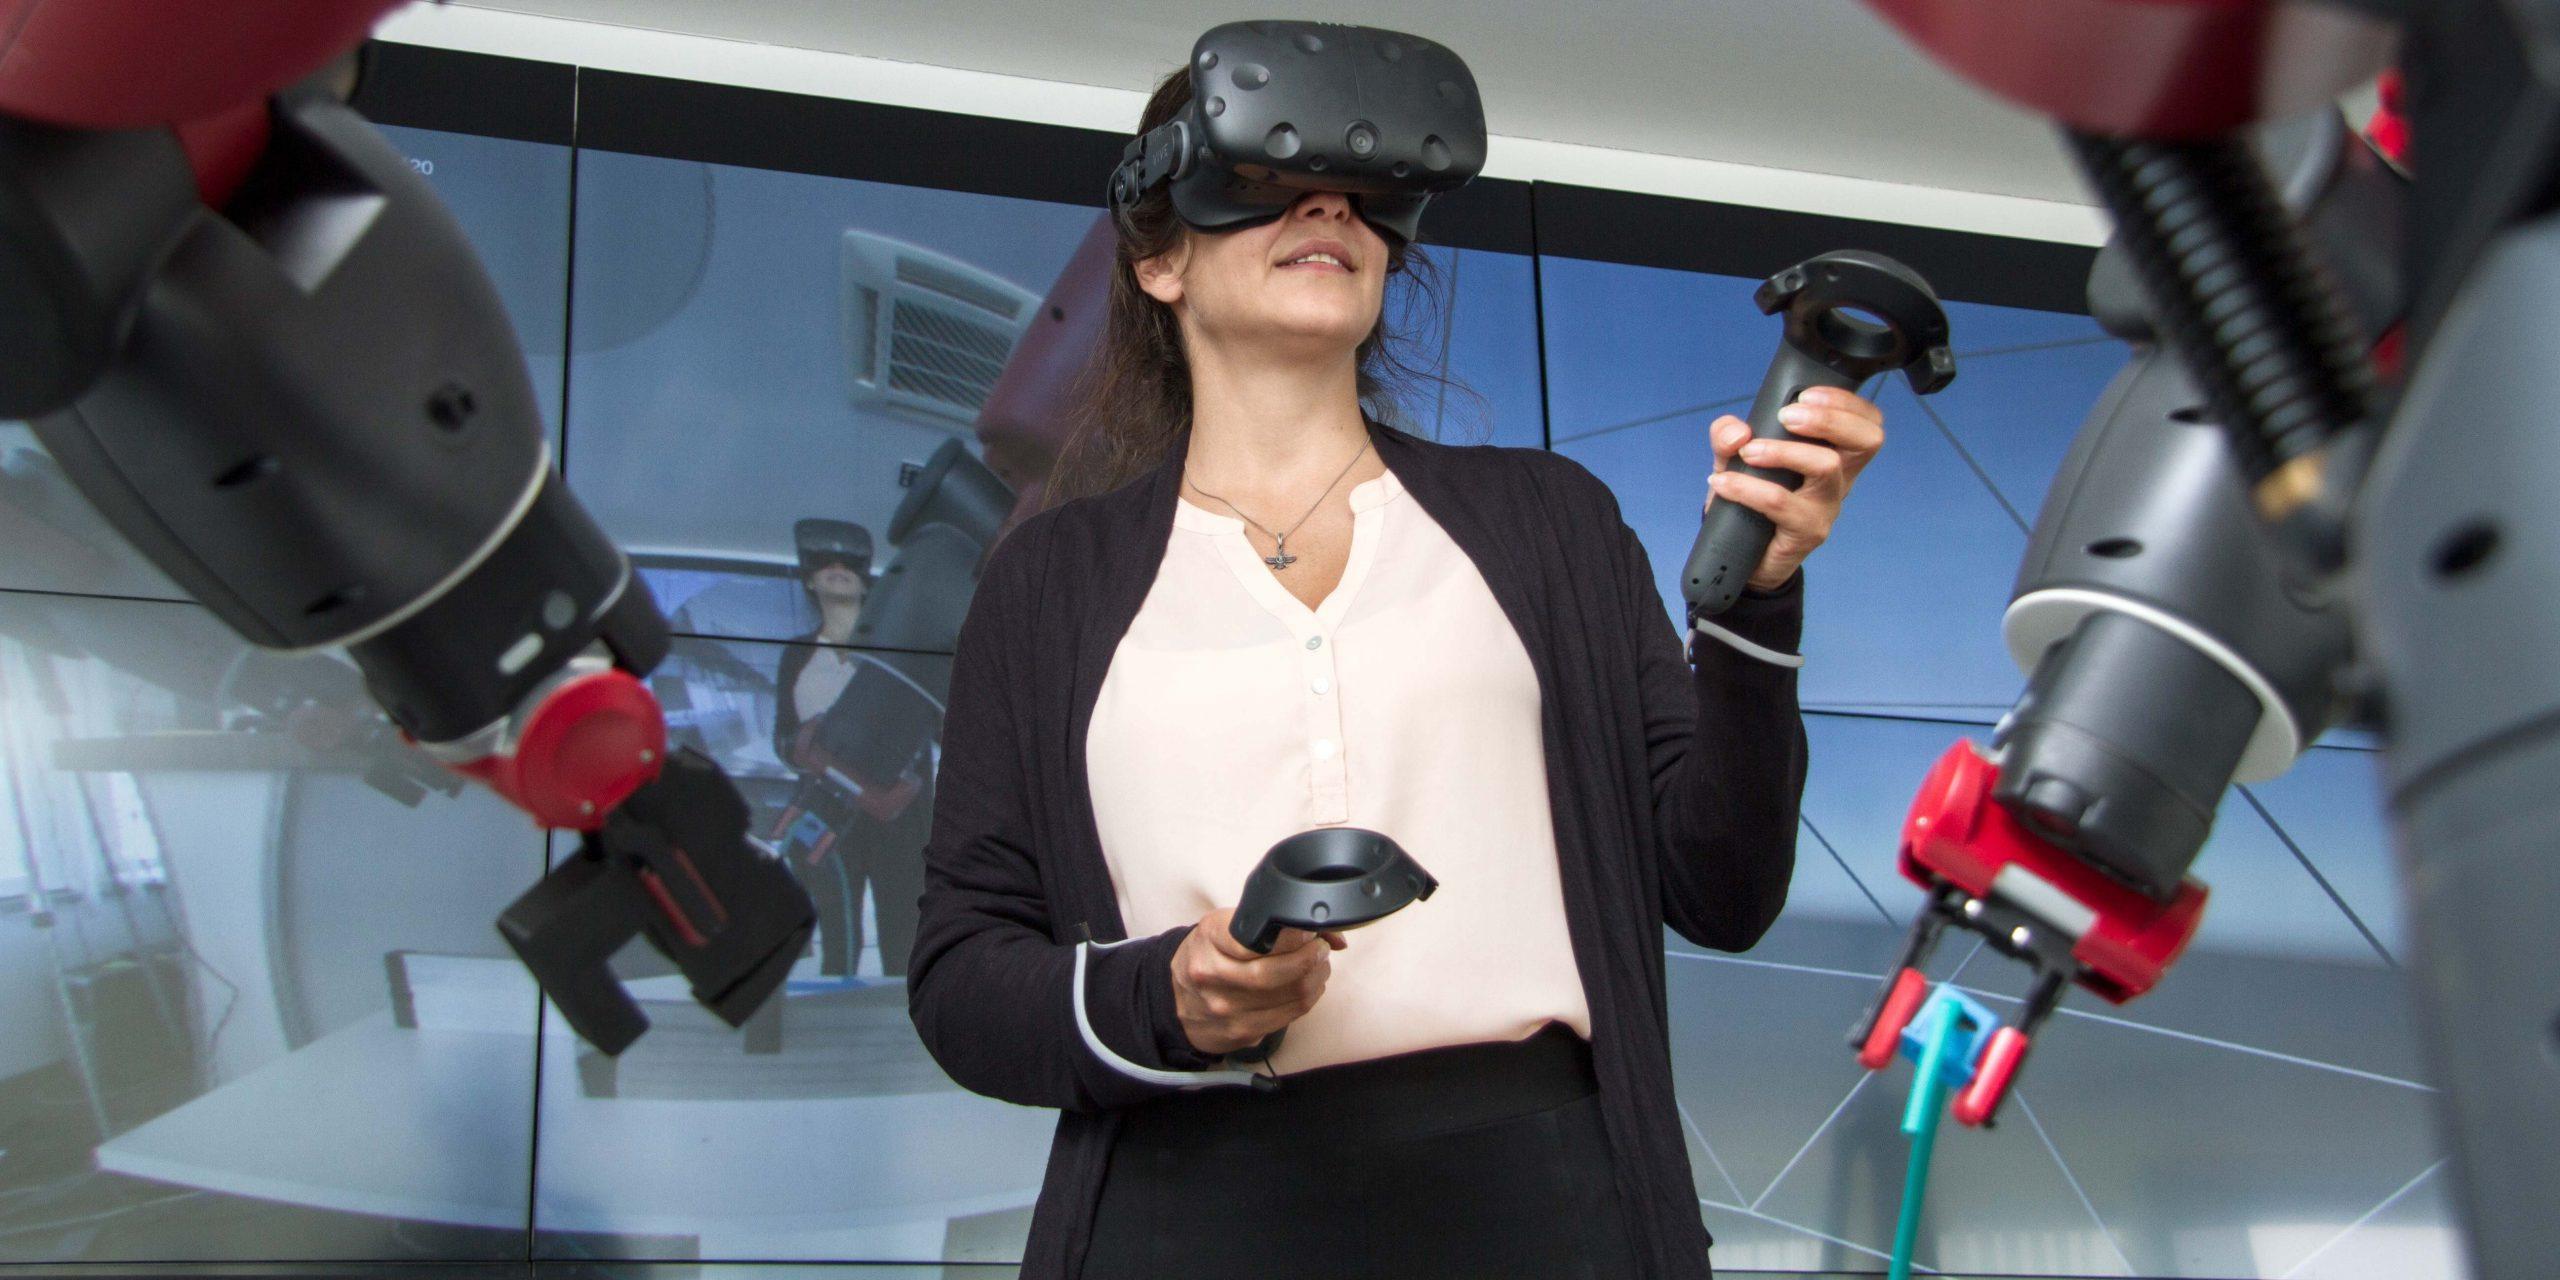 هدست واقعیت مجازی چیست